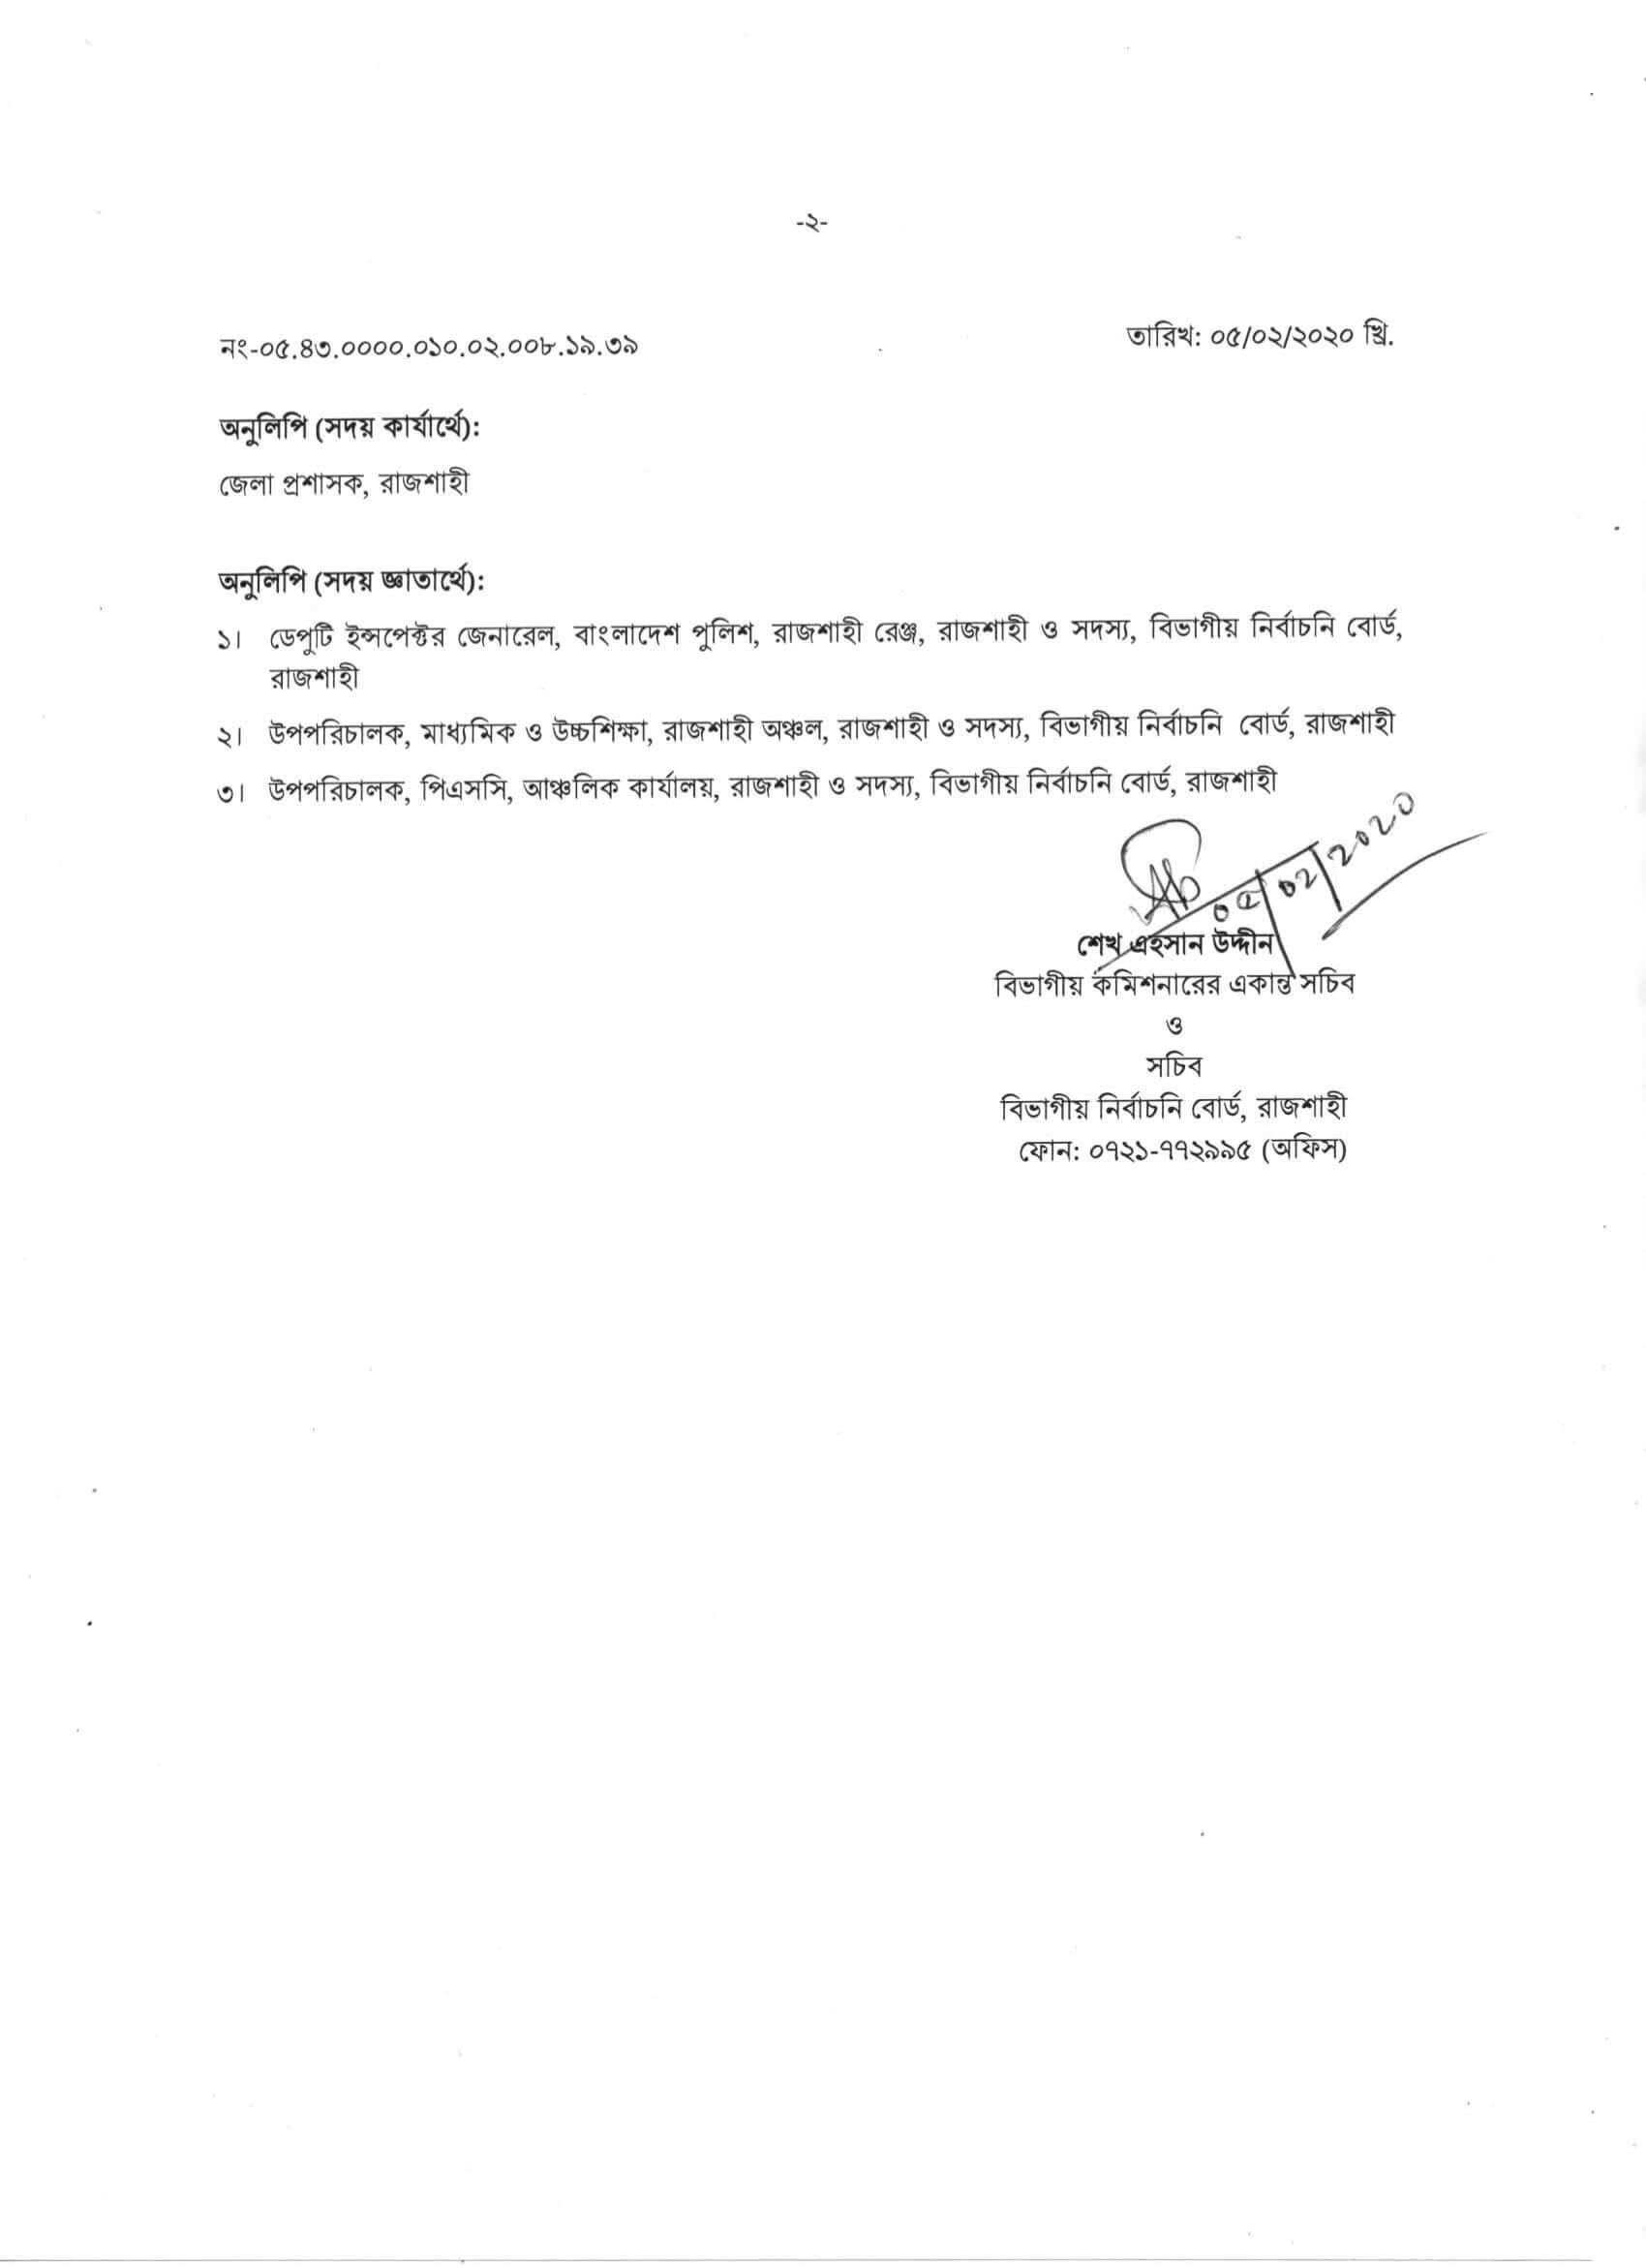 Rajshahi DC Office Job Result 2020